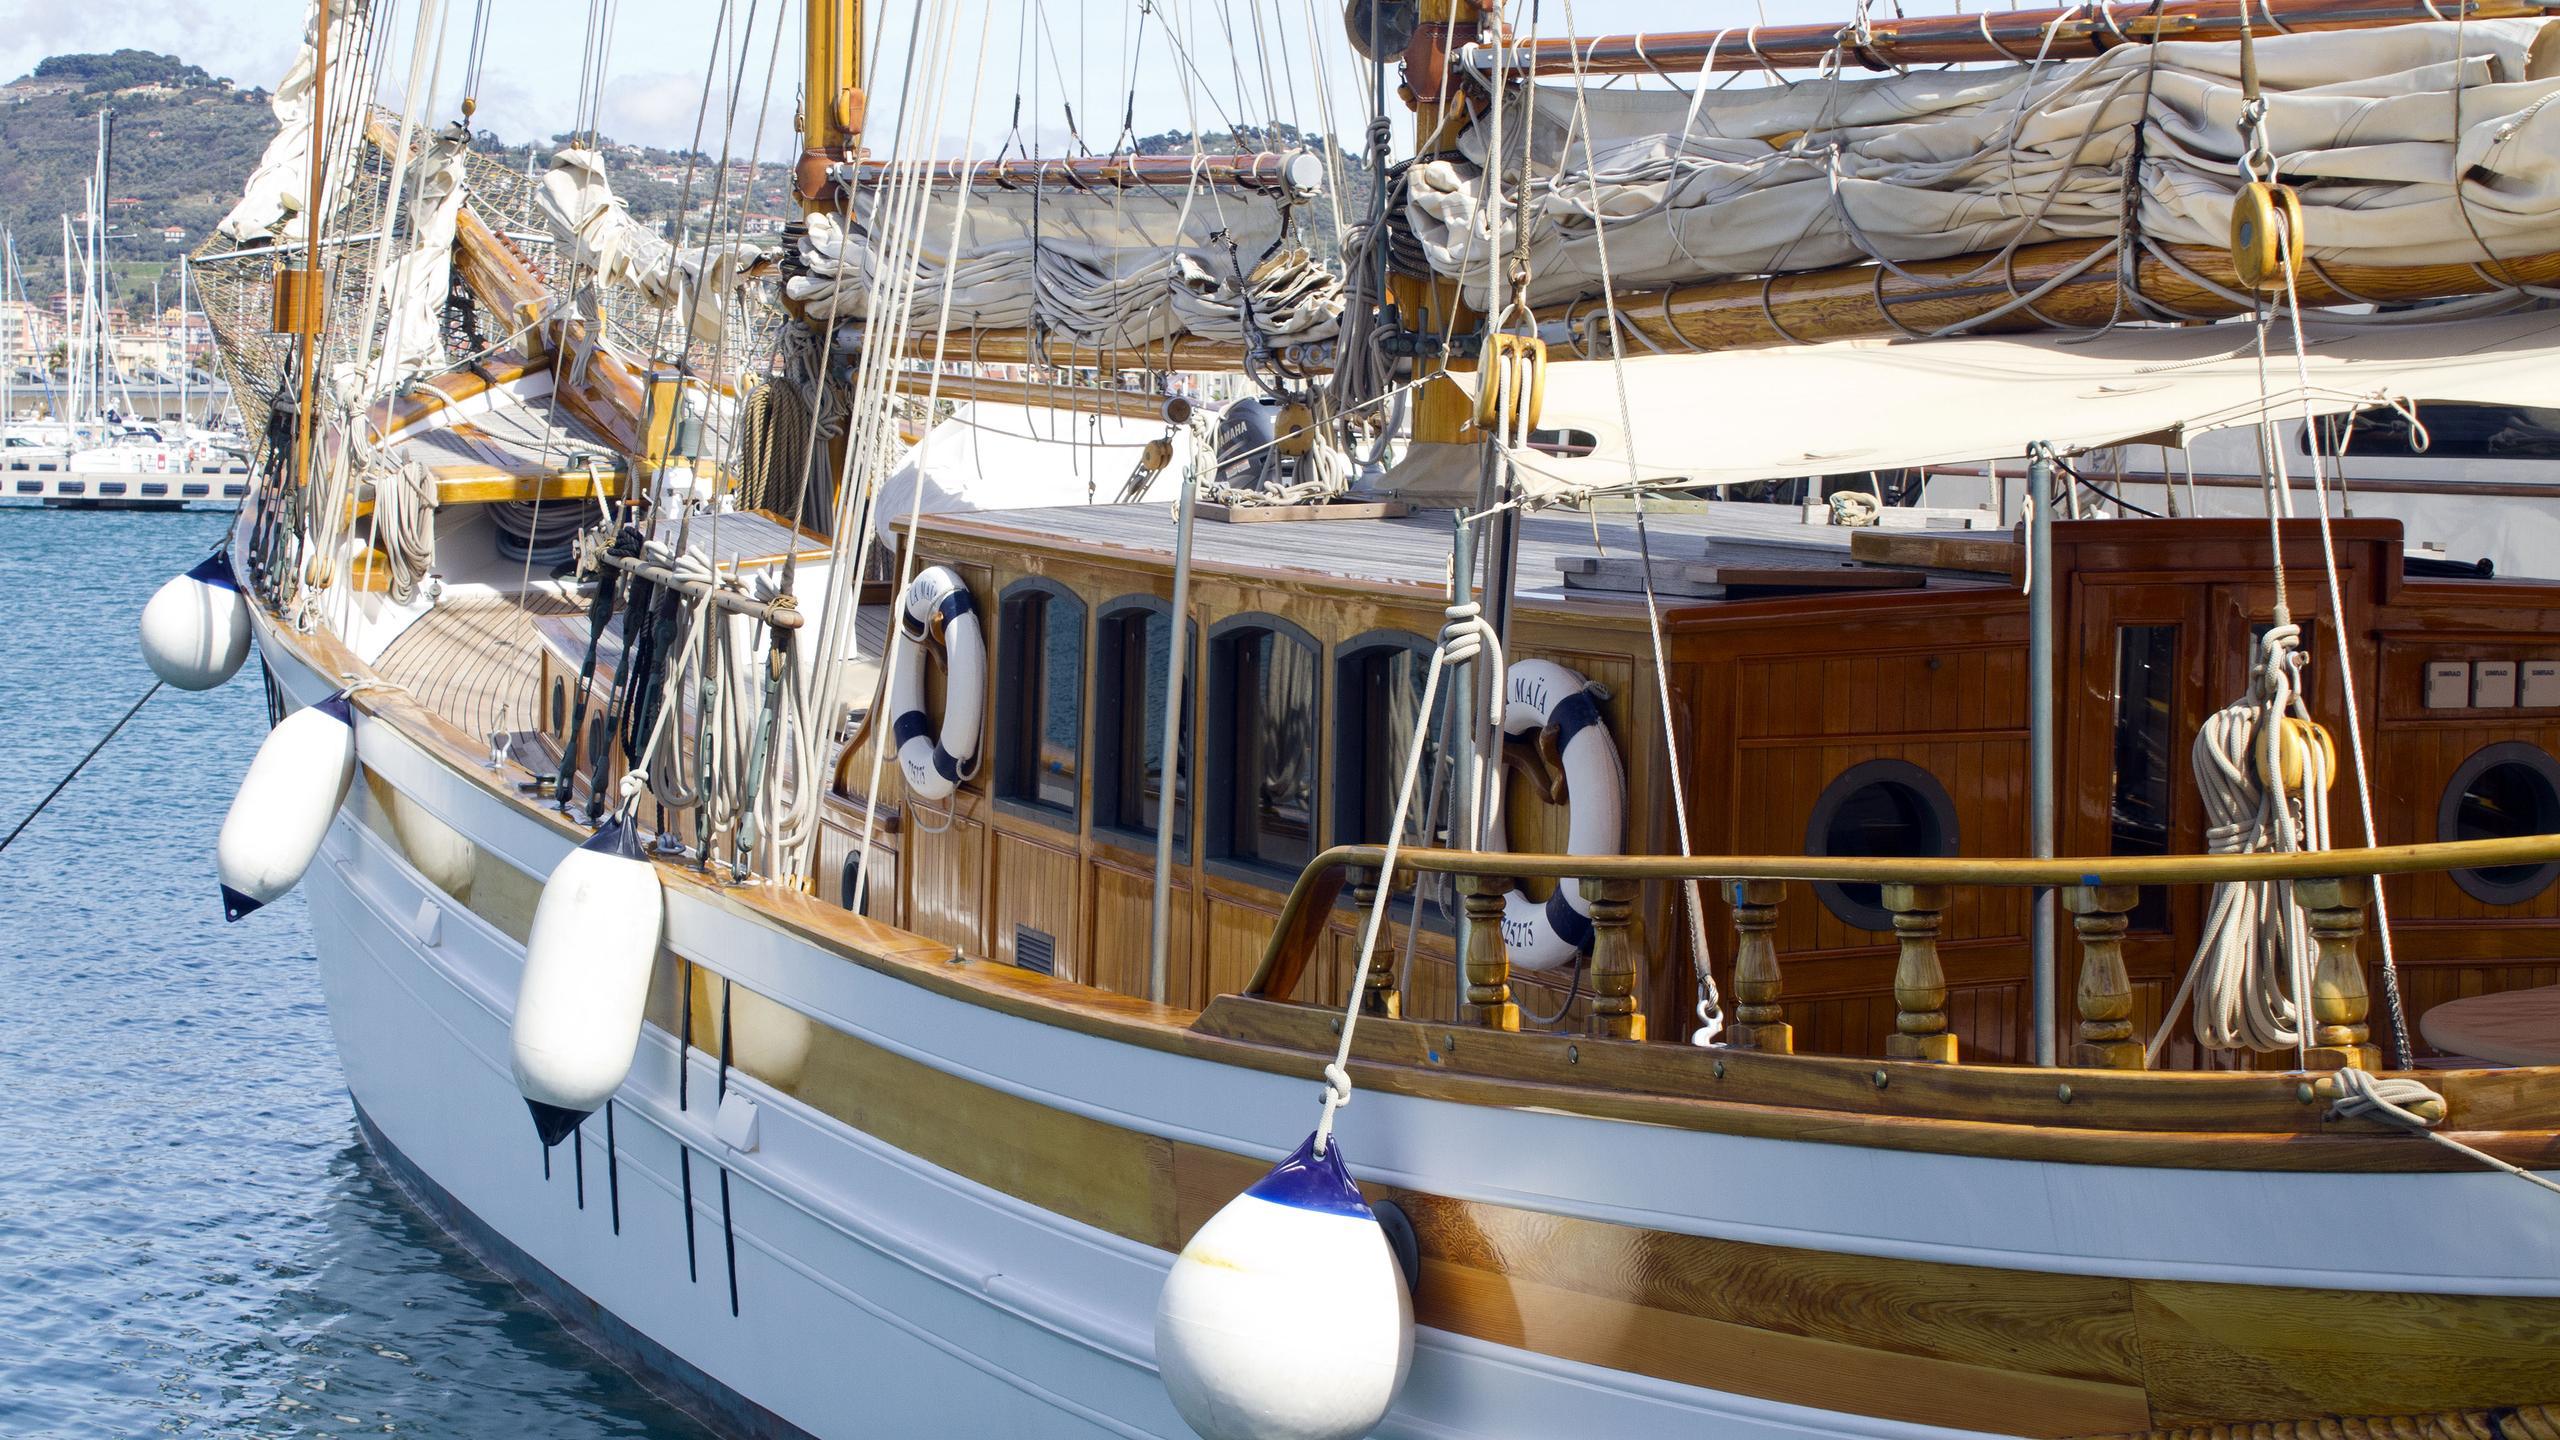 la-maia-sailing-yacht-psaros-1956-32m-details